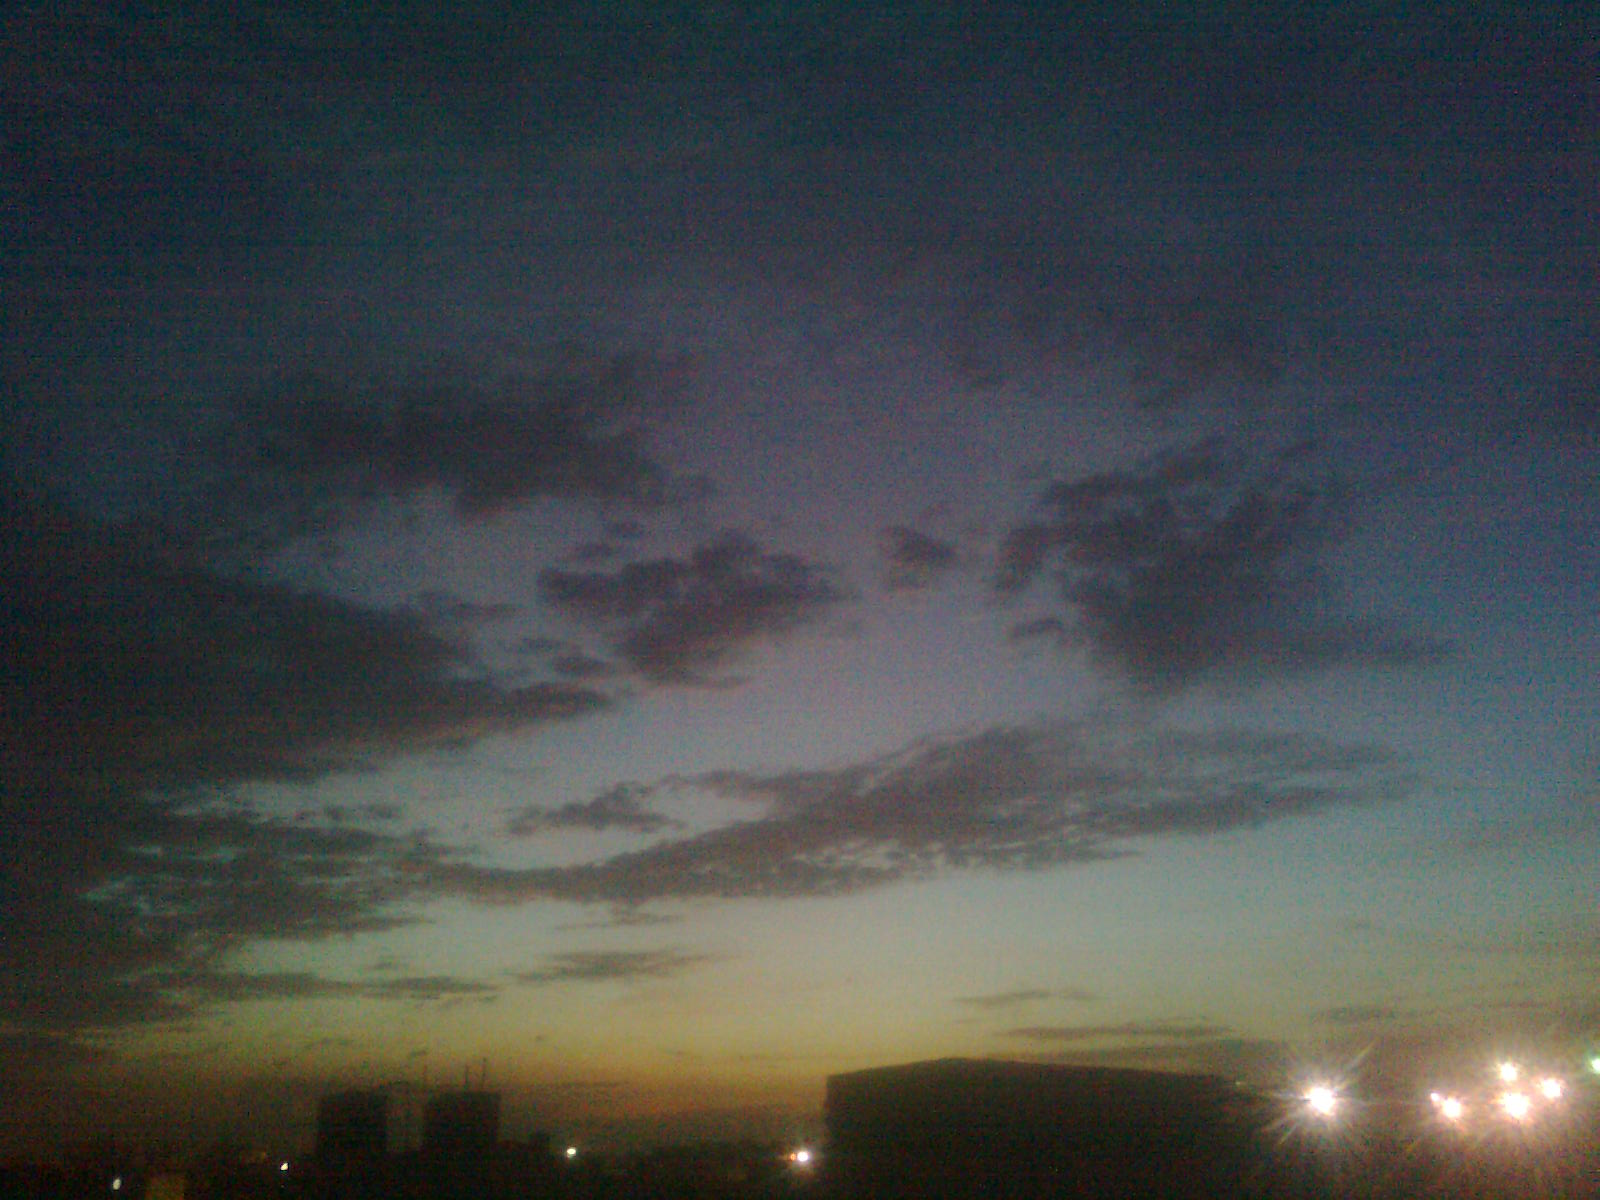 http://3.bp.blogspot.com/_NR-pTkG6FHE/TE2gGEKbhCI/AAAAAAAAA5Y/TPCudPmkEhA/s1600/From+nidhi0894.jpg